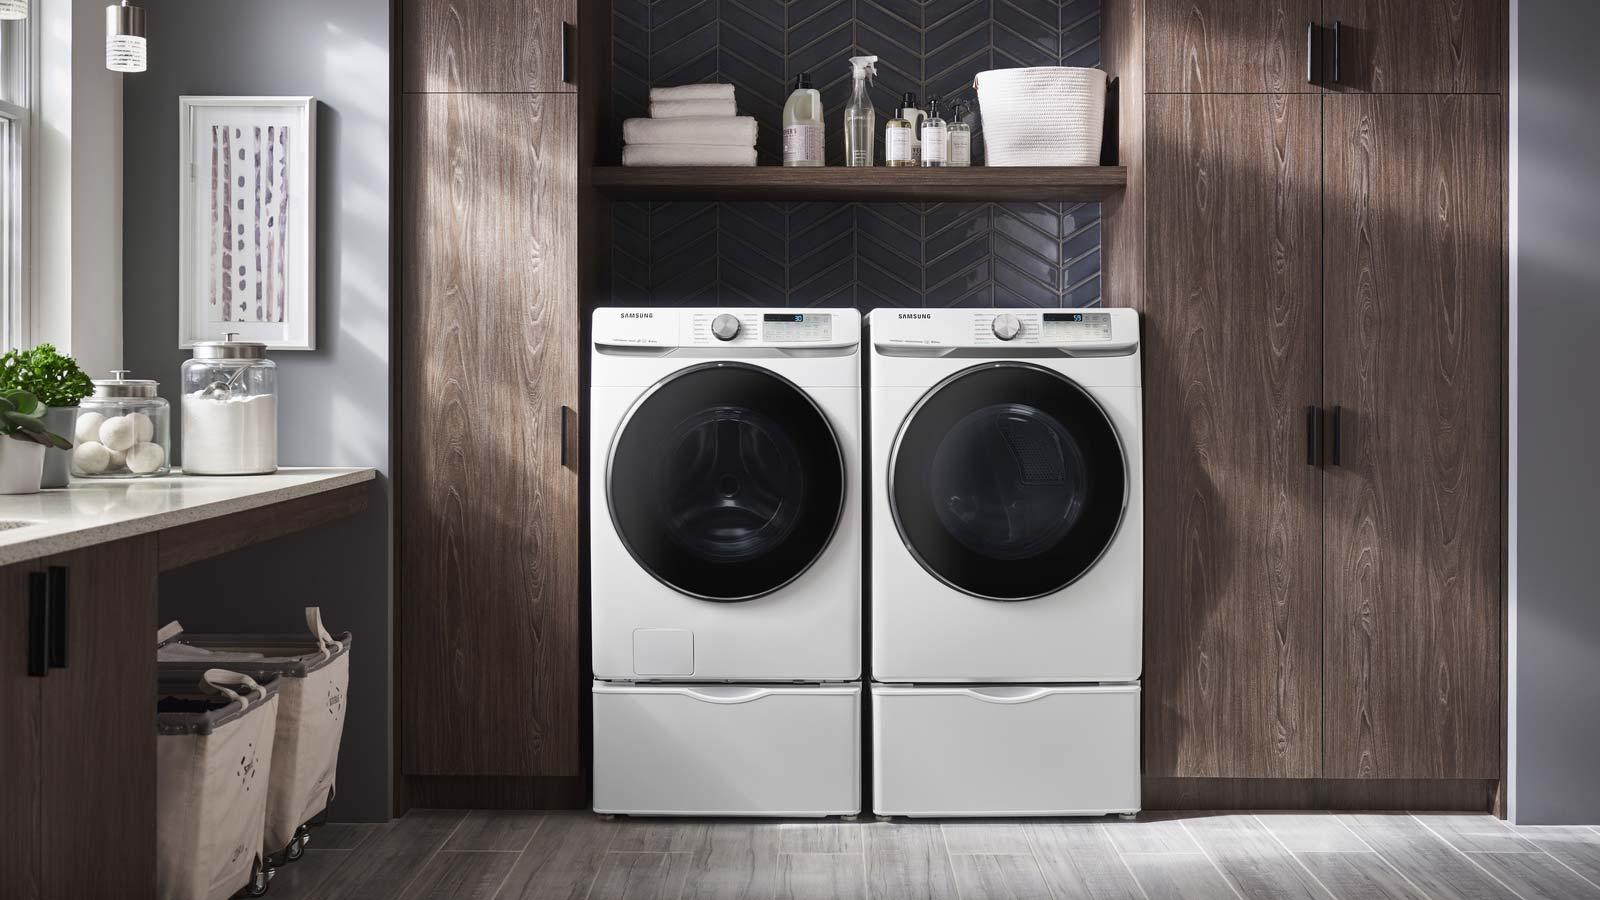 เครื่องซักผ้าฝาบน vs เครื่องซักผ้าฝาหน้า